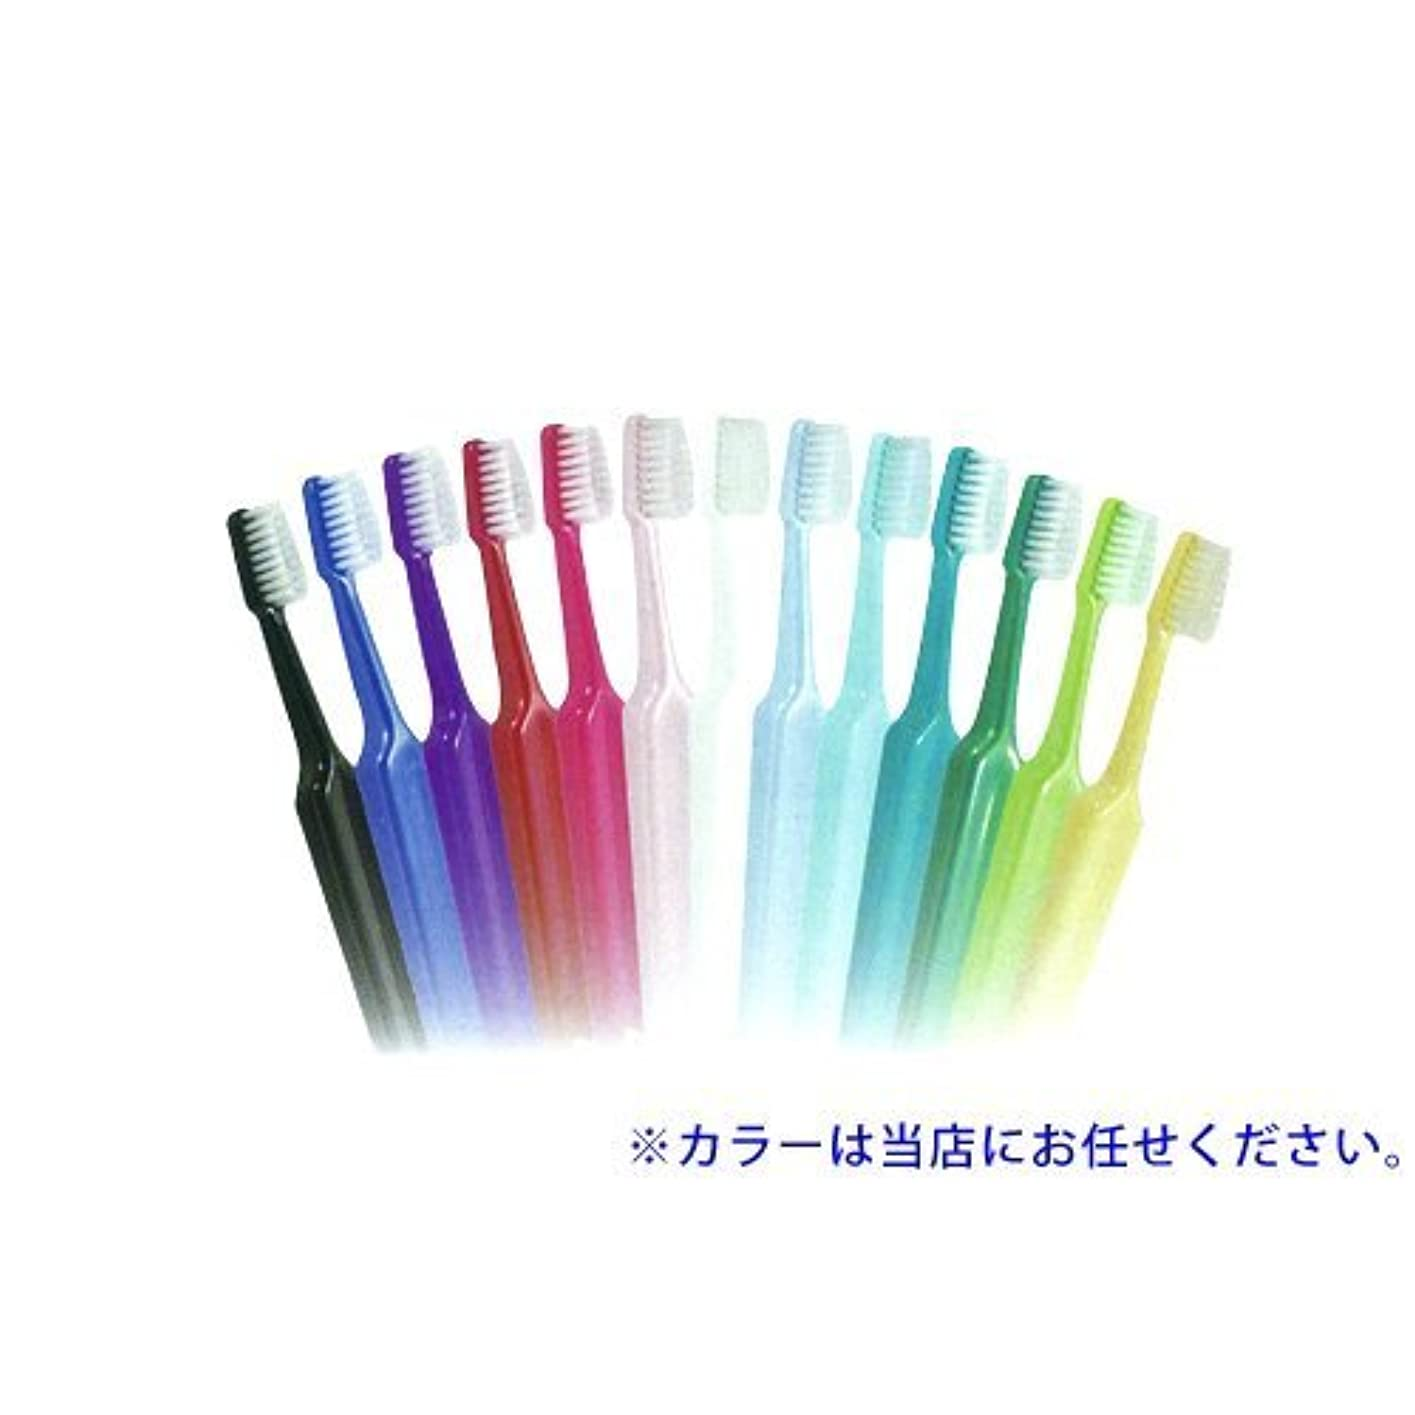 個性華氏レモンTepe歯ブラシ セレクトミニ/ソフト 25本/箱